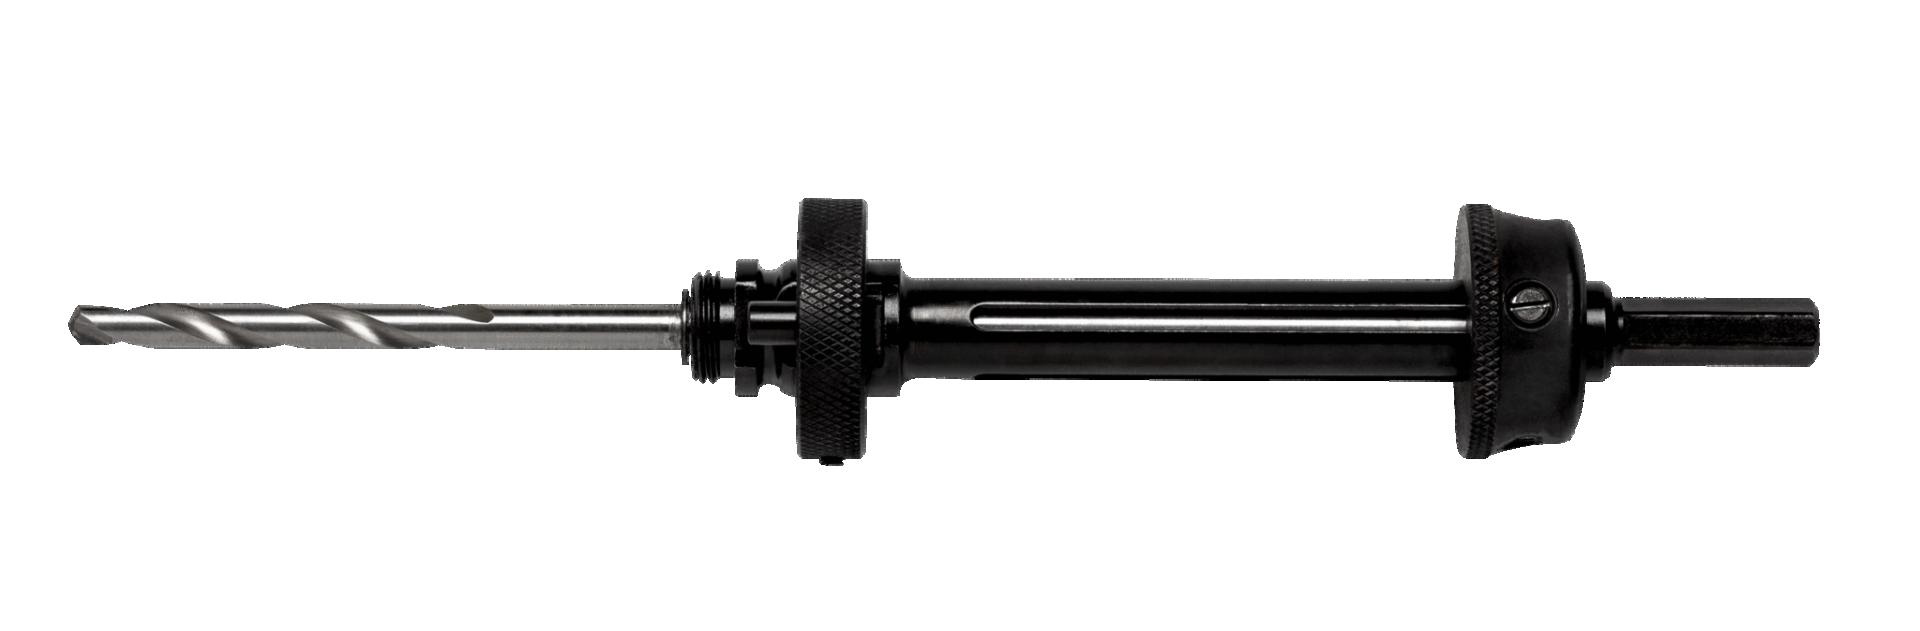 Uchwyt do otwornic z wyrzutnikiem 16 - 30 mm Quick-Eject BAHCO (nr kat. 3834-ARBR-930ESM)